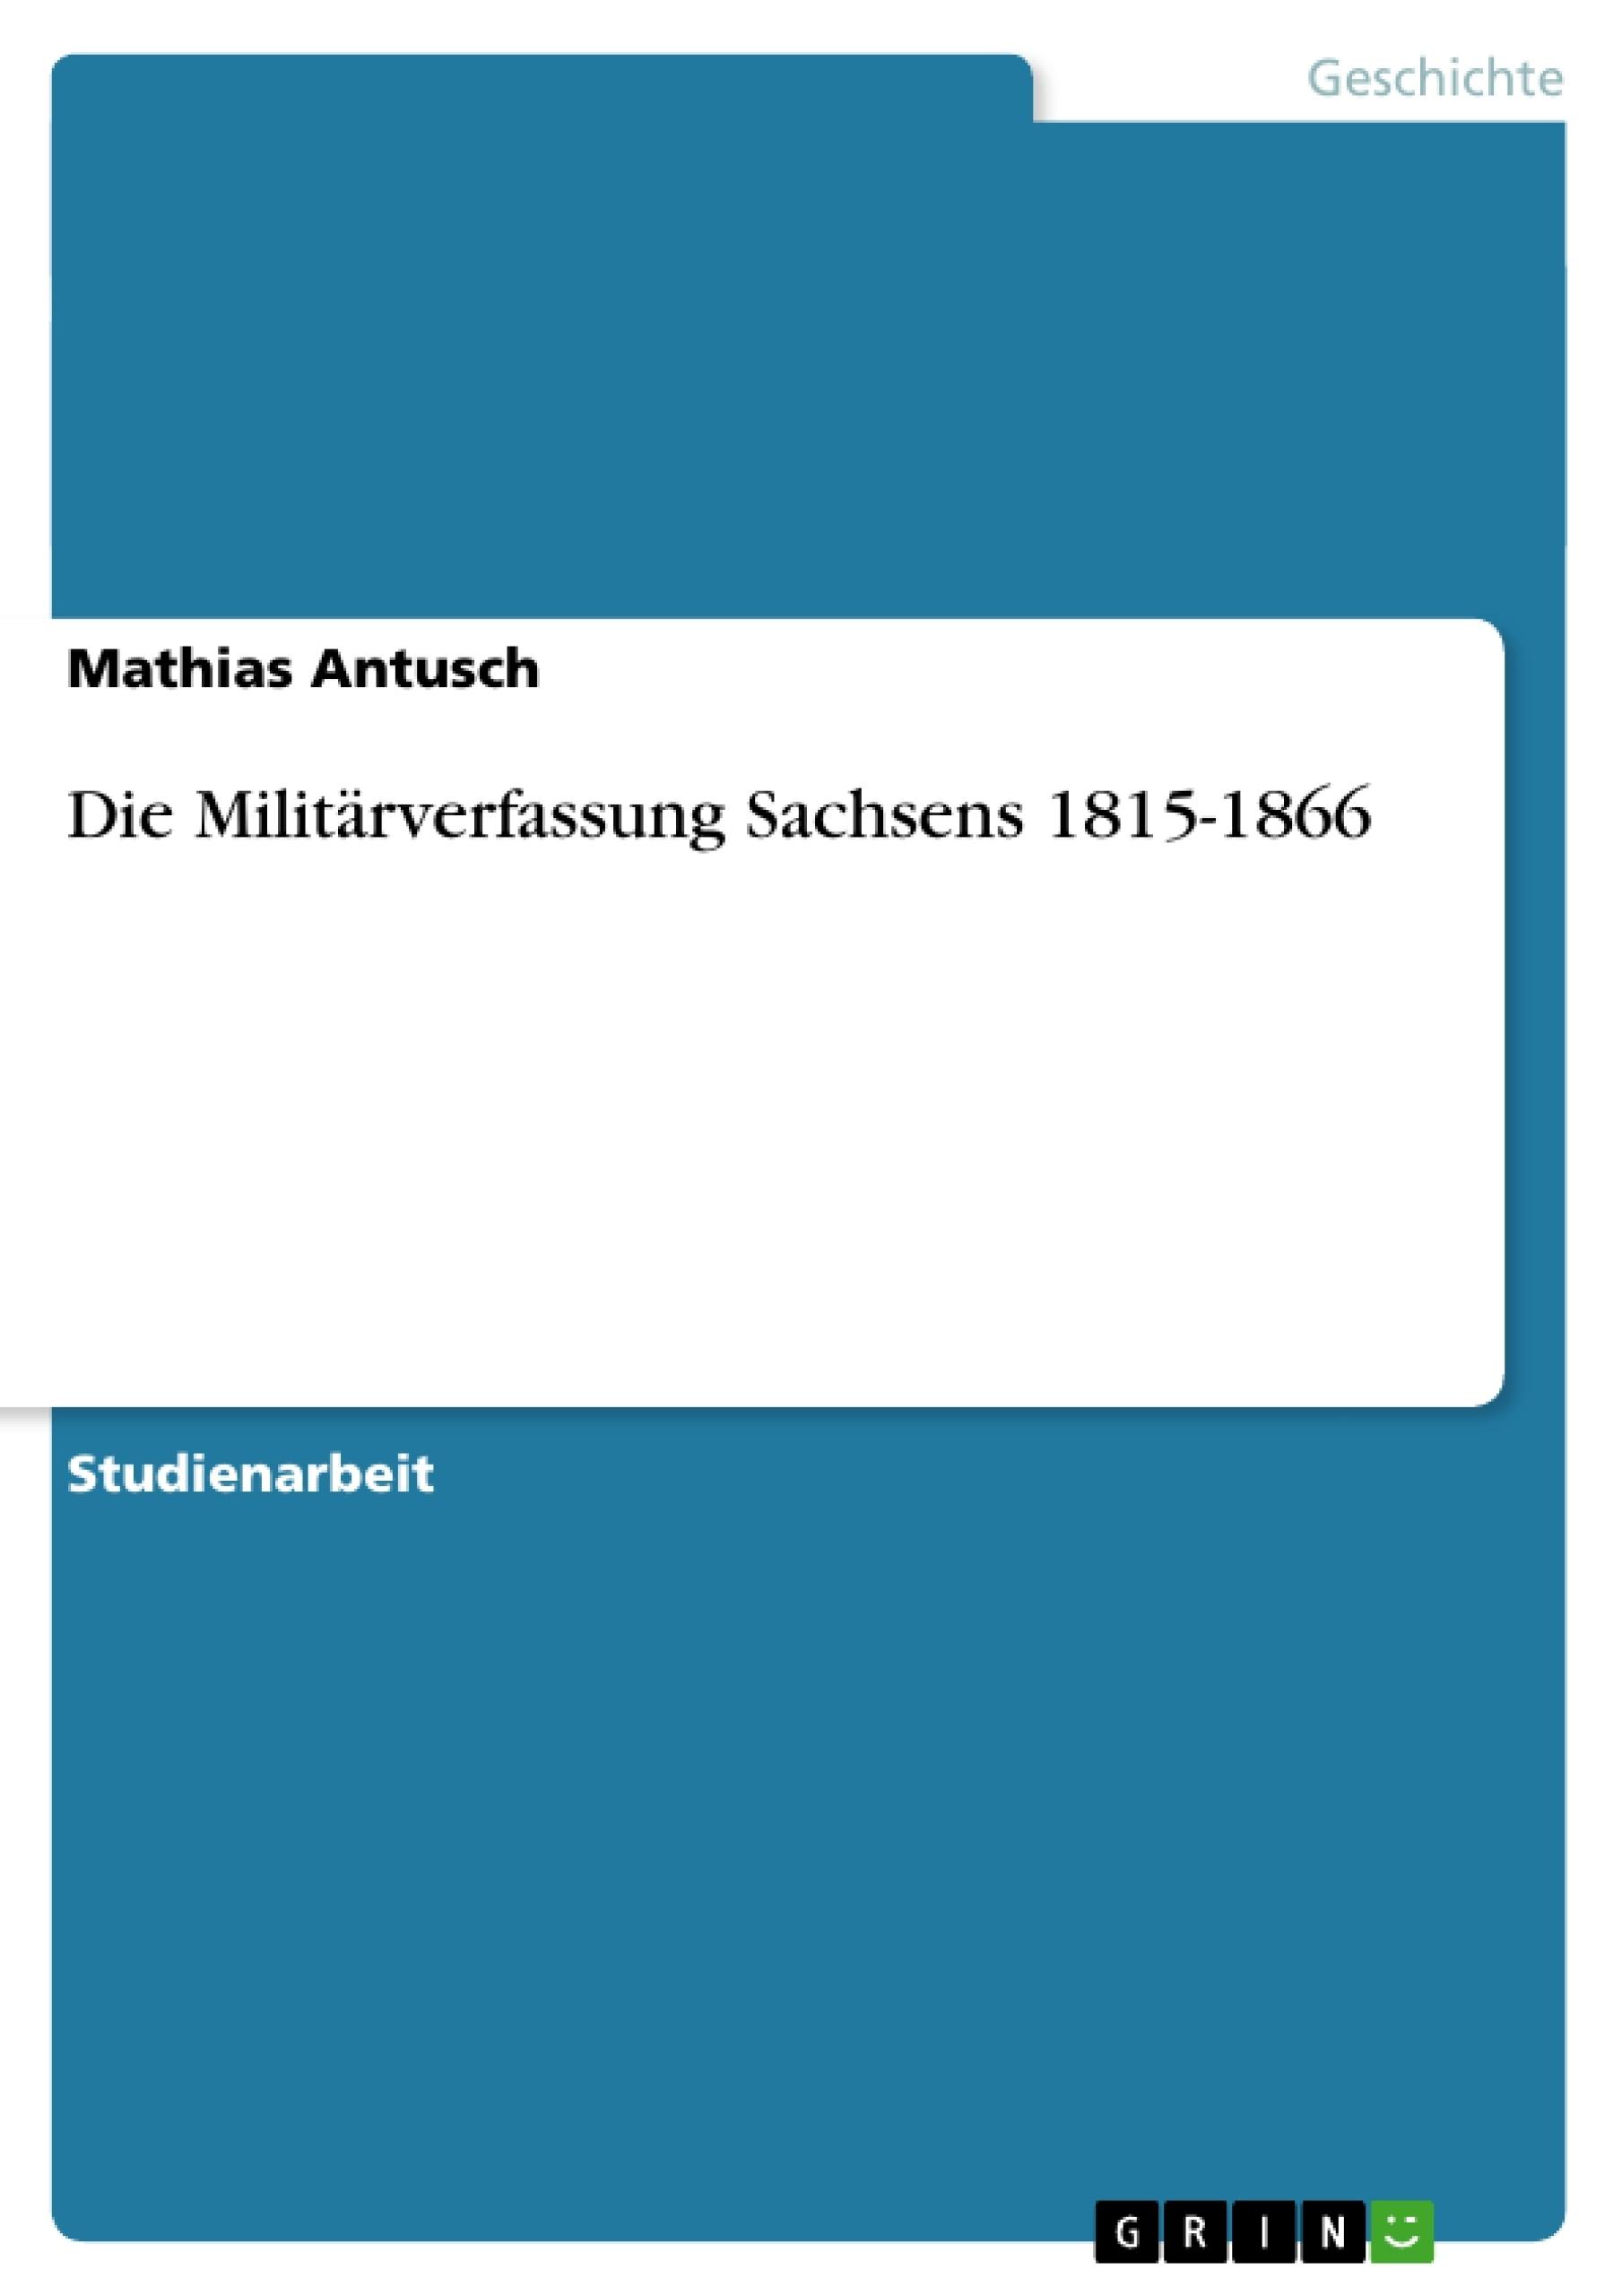 Titel: Die Militärverfassung Sachsens 1815-1866